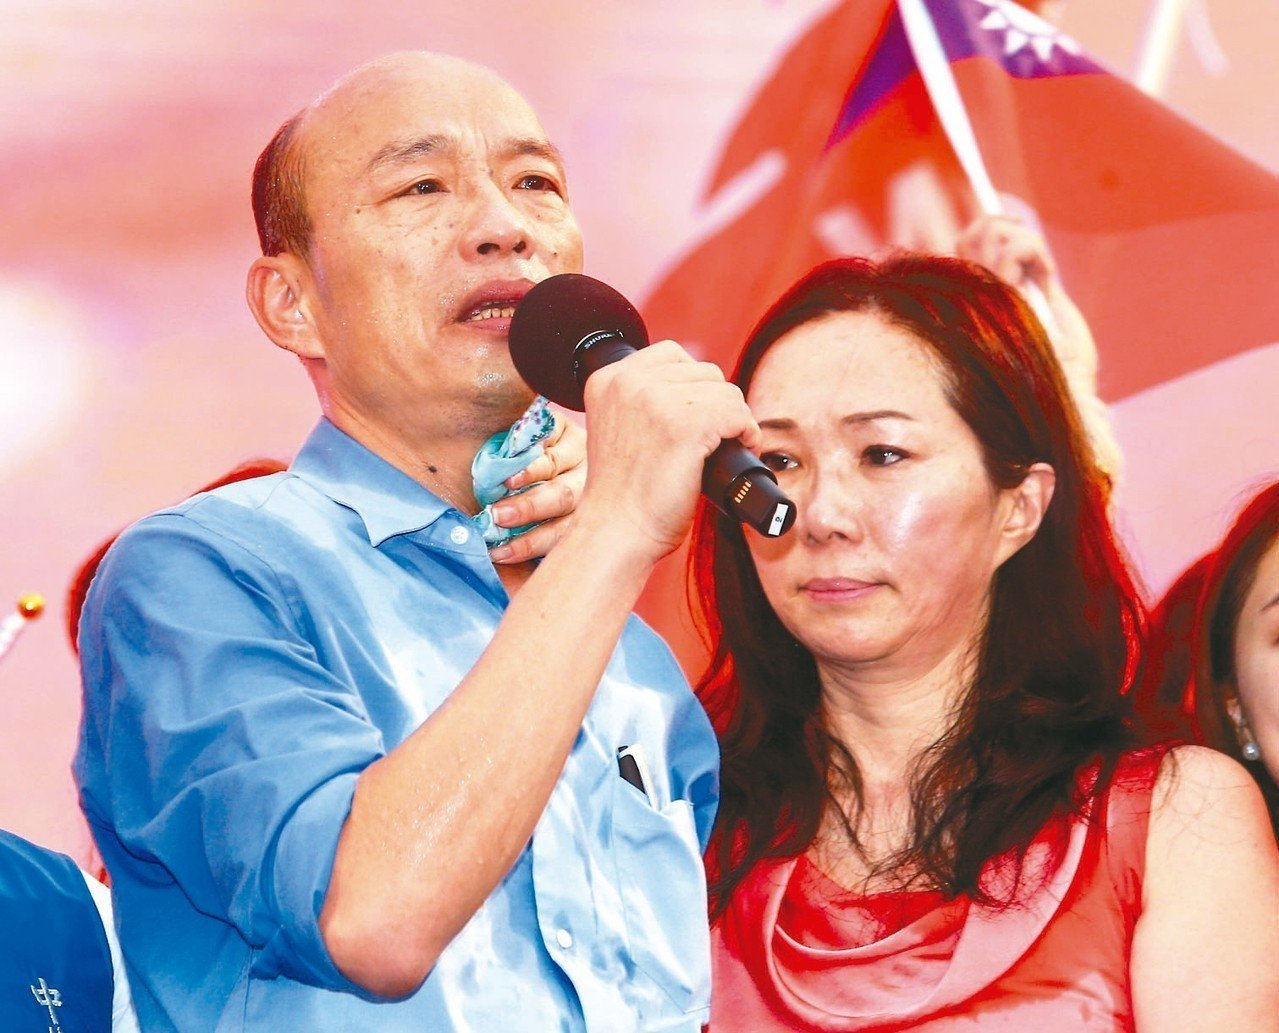 韓國瑜與妻子李佳芬成為爆料針對對象。 圖/聯合報系資料照片